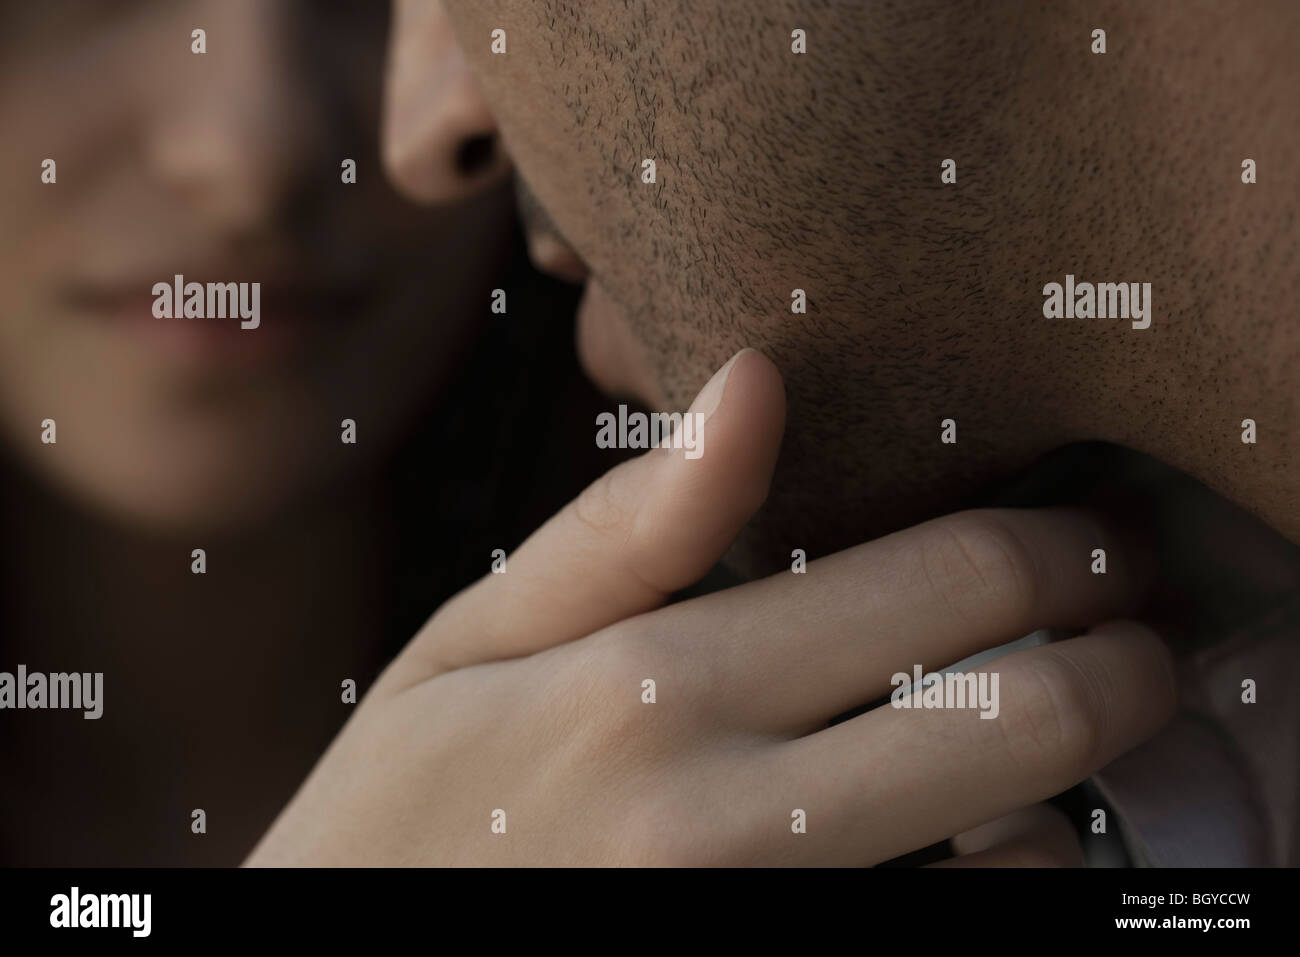 Donna Uomo accarezza la faccia unshaved, close-up Immagini Stock